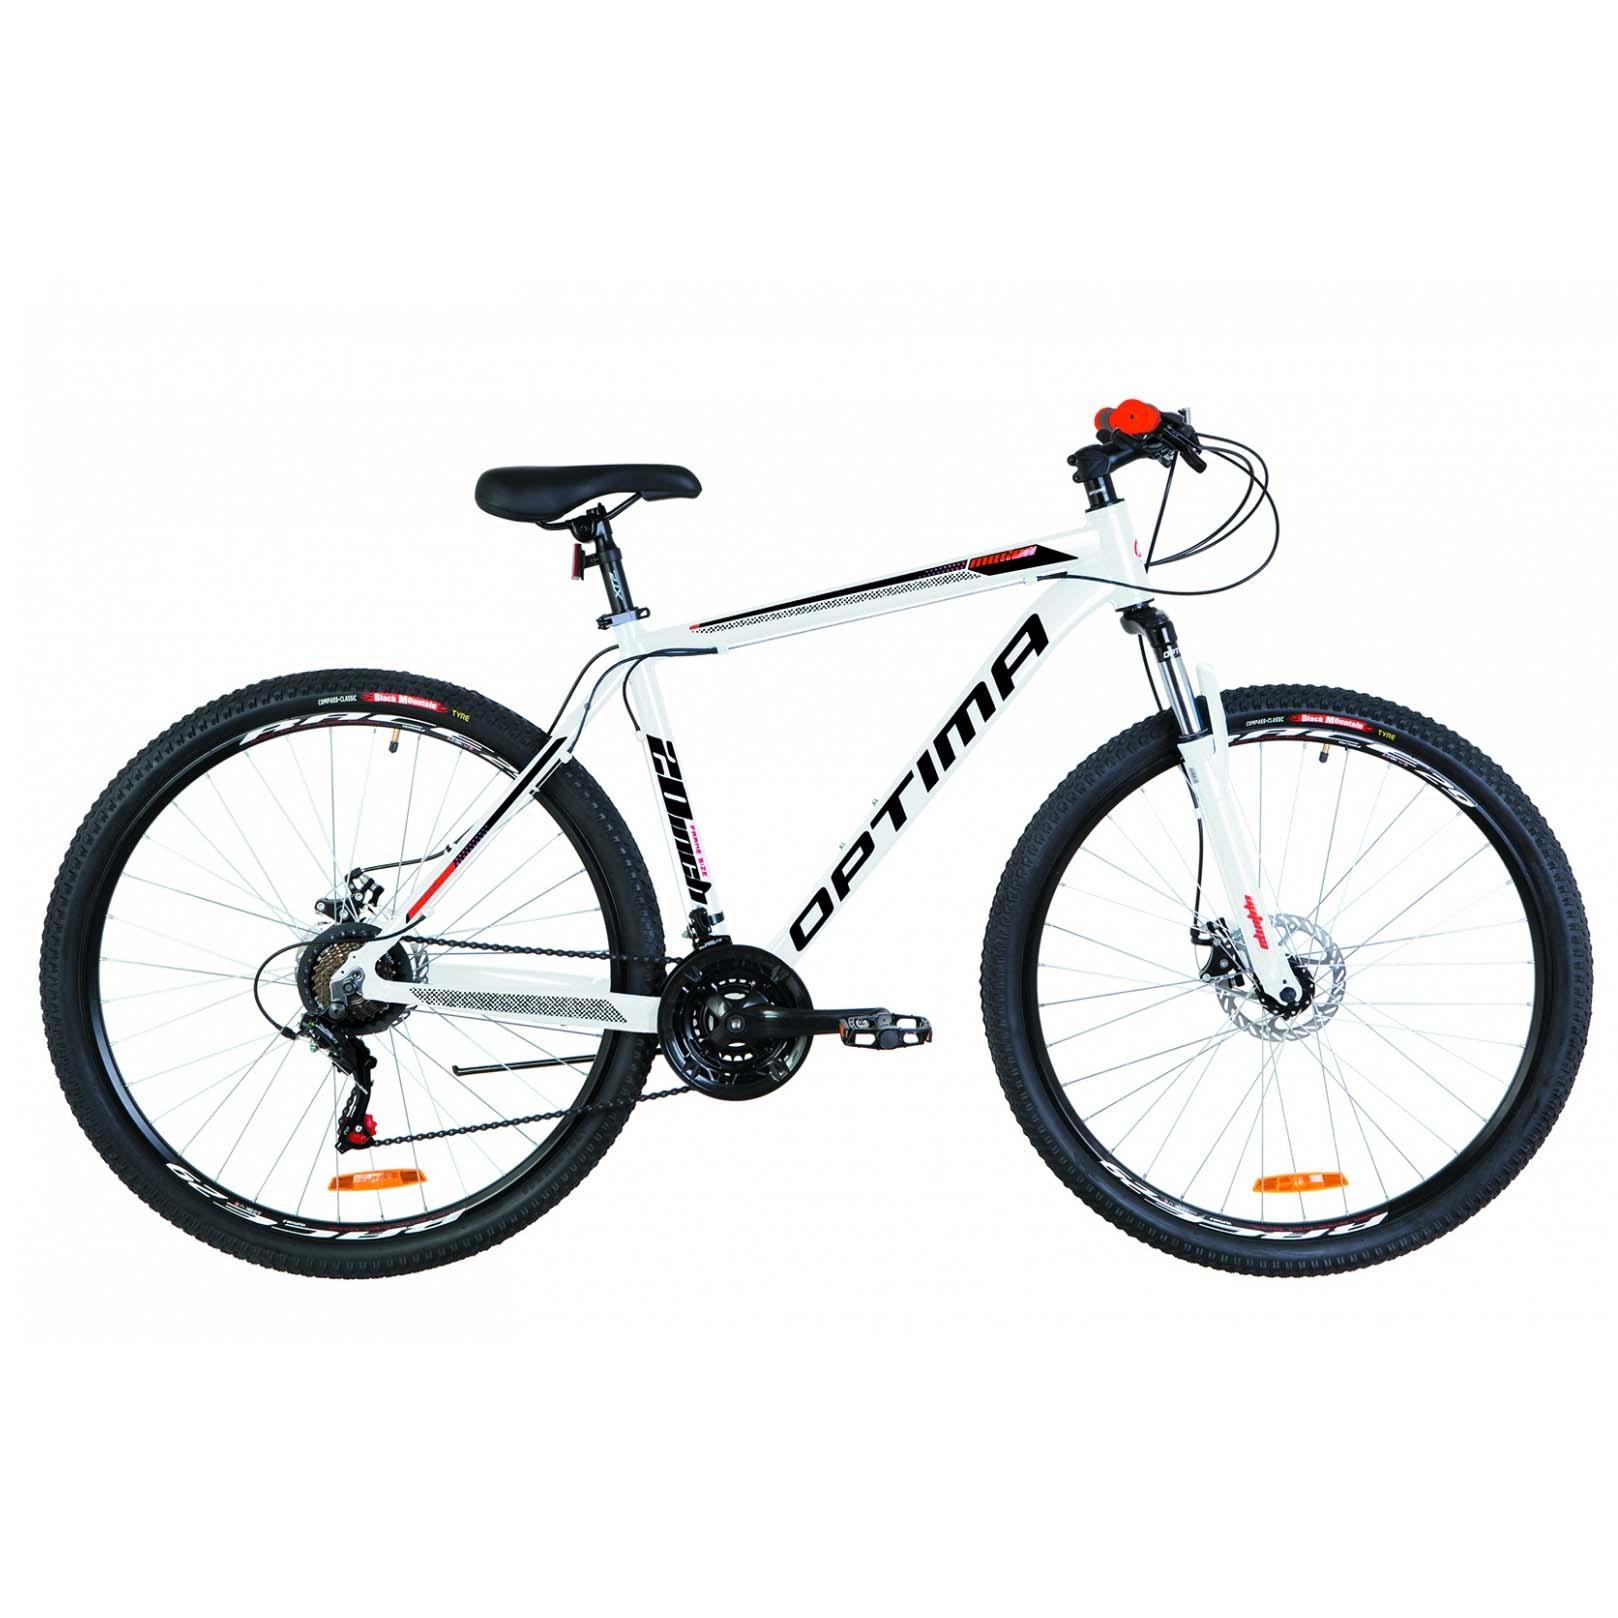 Фото Горный Велосипед 29 Optimabikes MOTION DD бело-красно-черный 2019